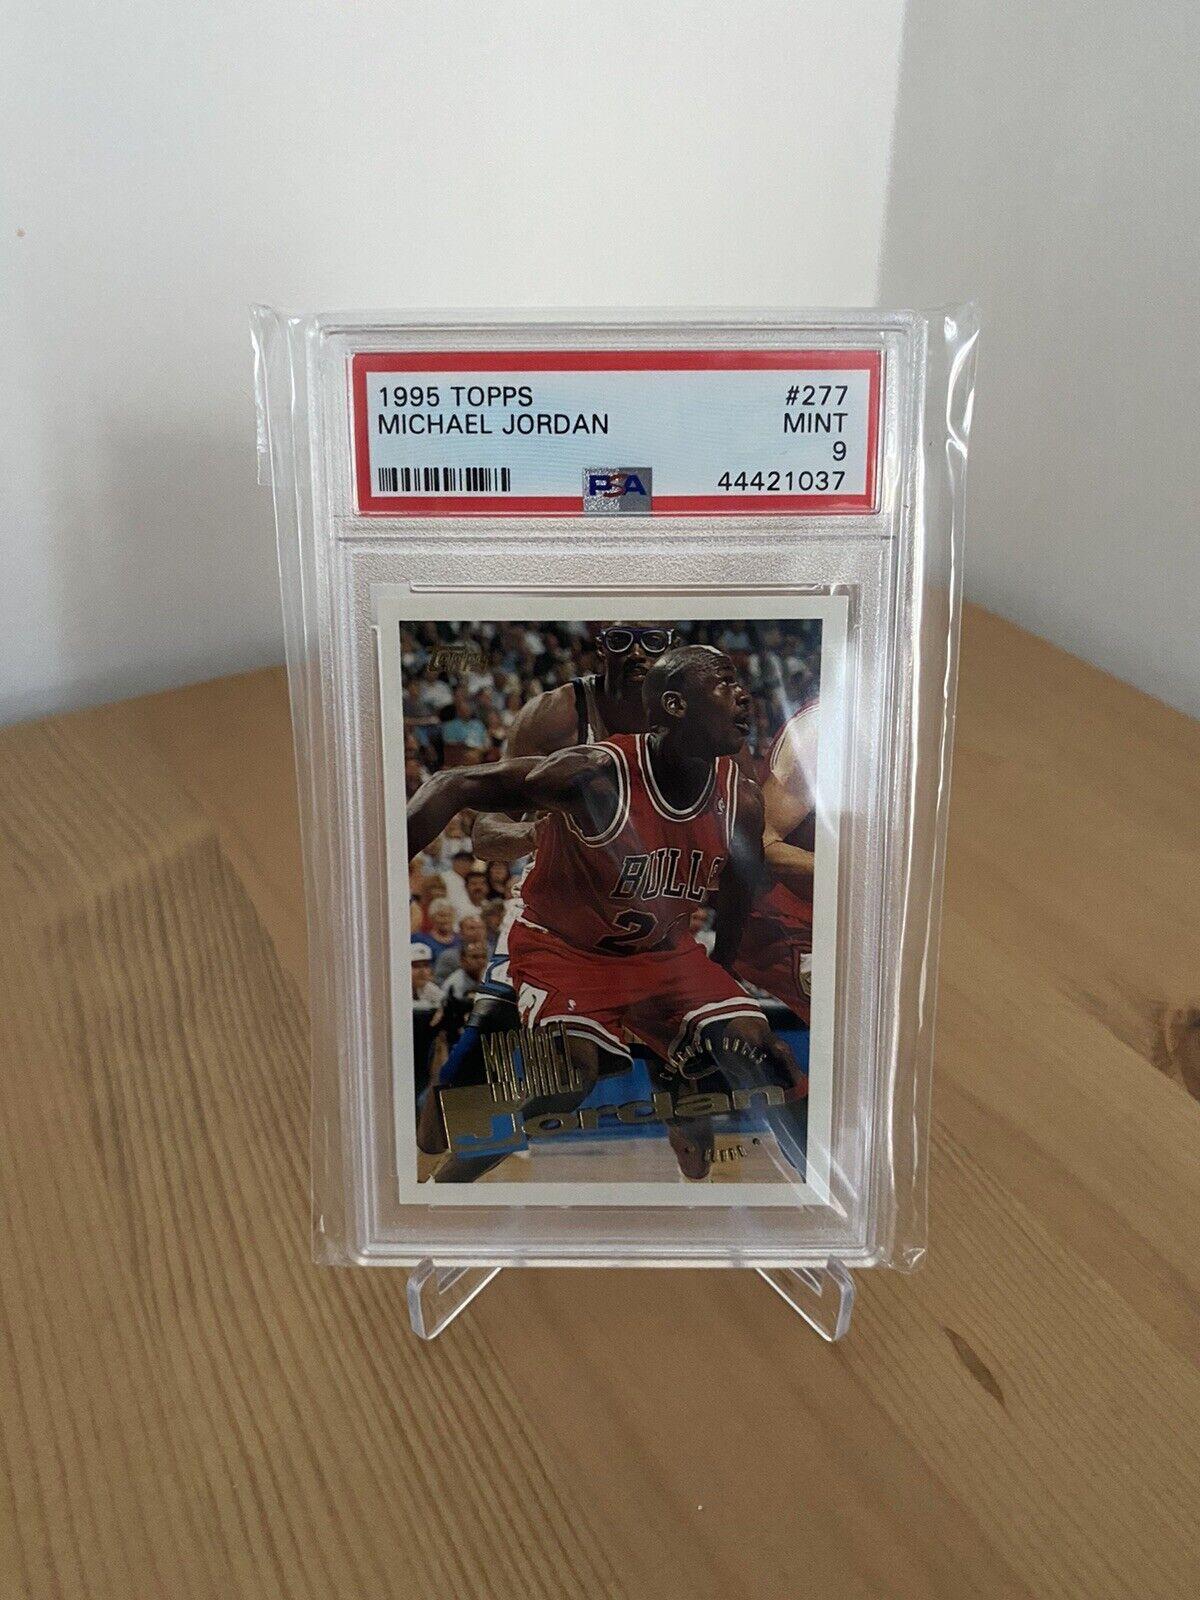 1995-96 topps-michael jordan - #277 chicago bulls psa 9